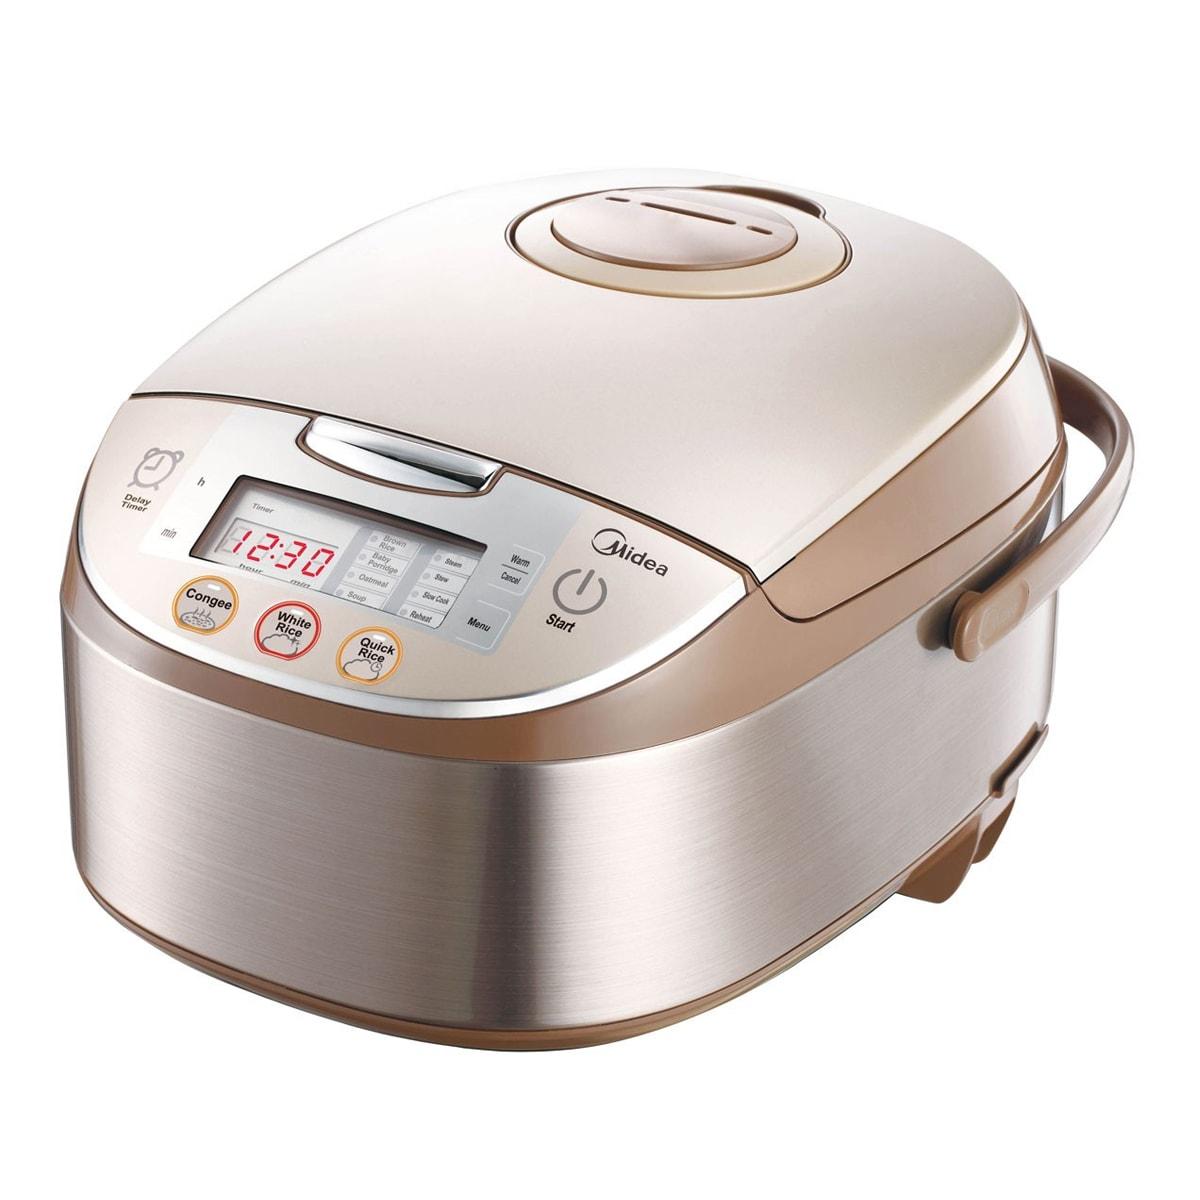 MIDEA美的 全智能电脑触摸控制电饭煲 1.8L 10杯米容量 MB-FS5017 16.65